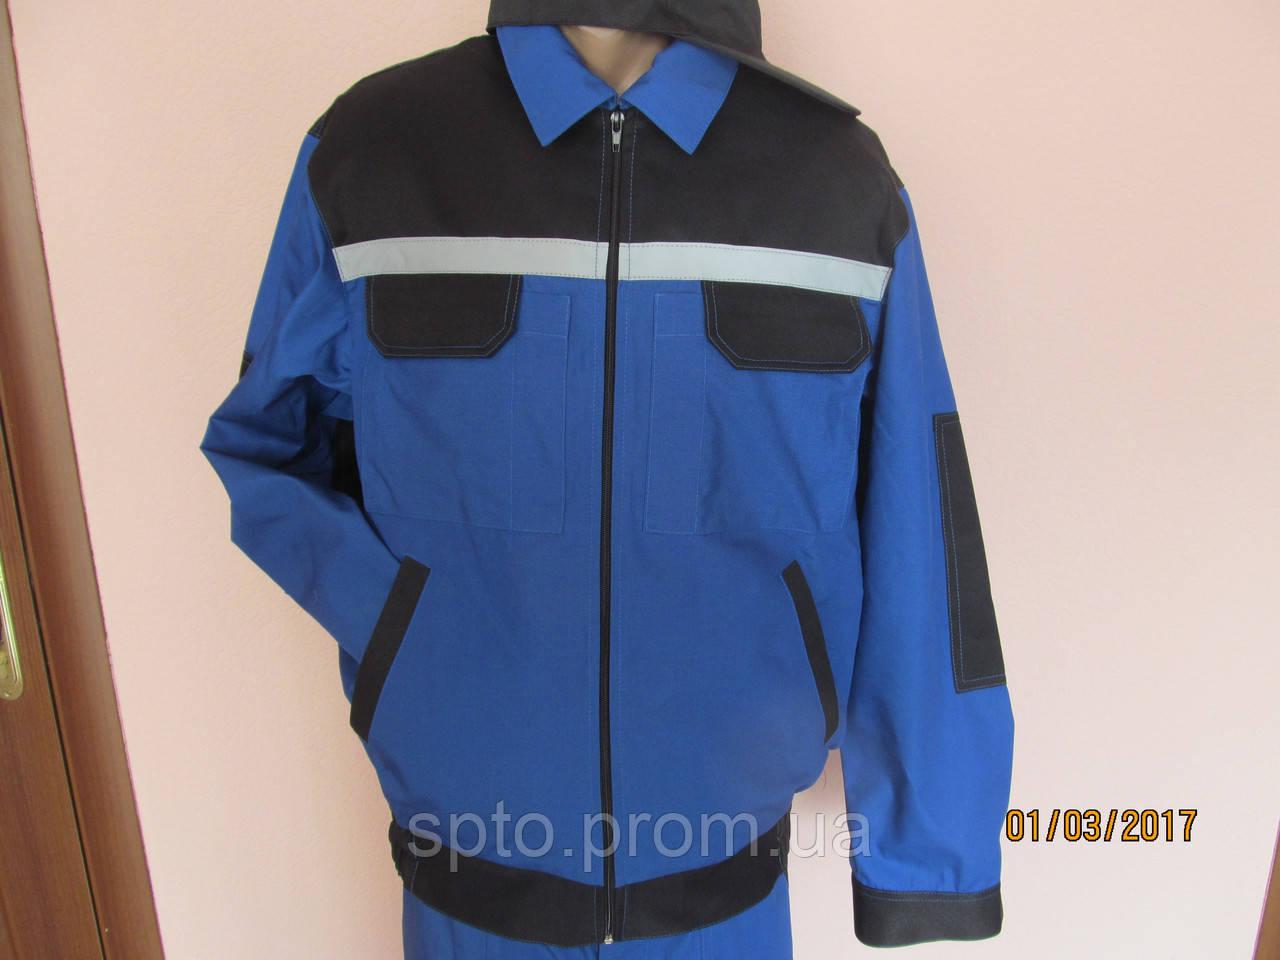 Костюм рабочий со светоотражающей лентой синего цвета, размер 48-50